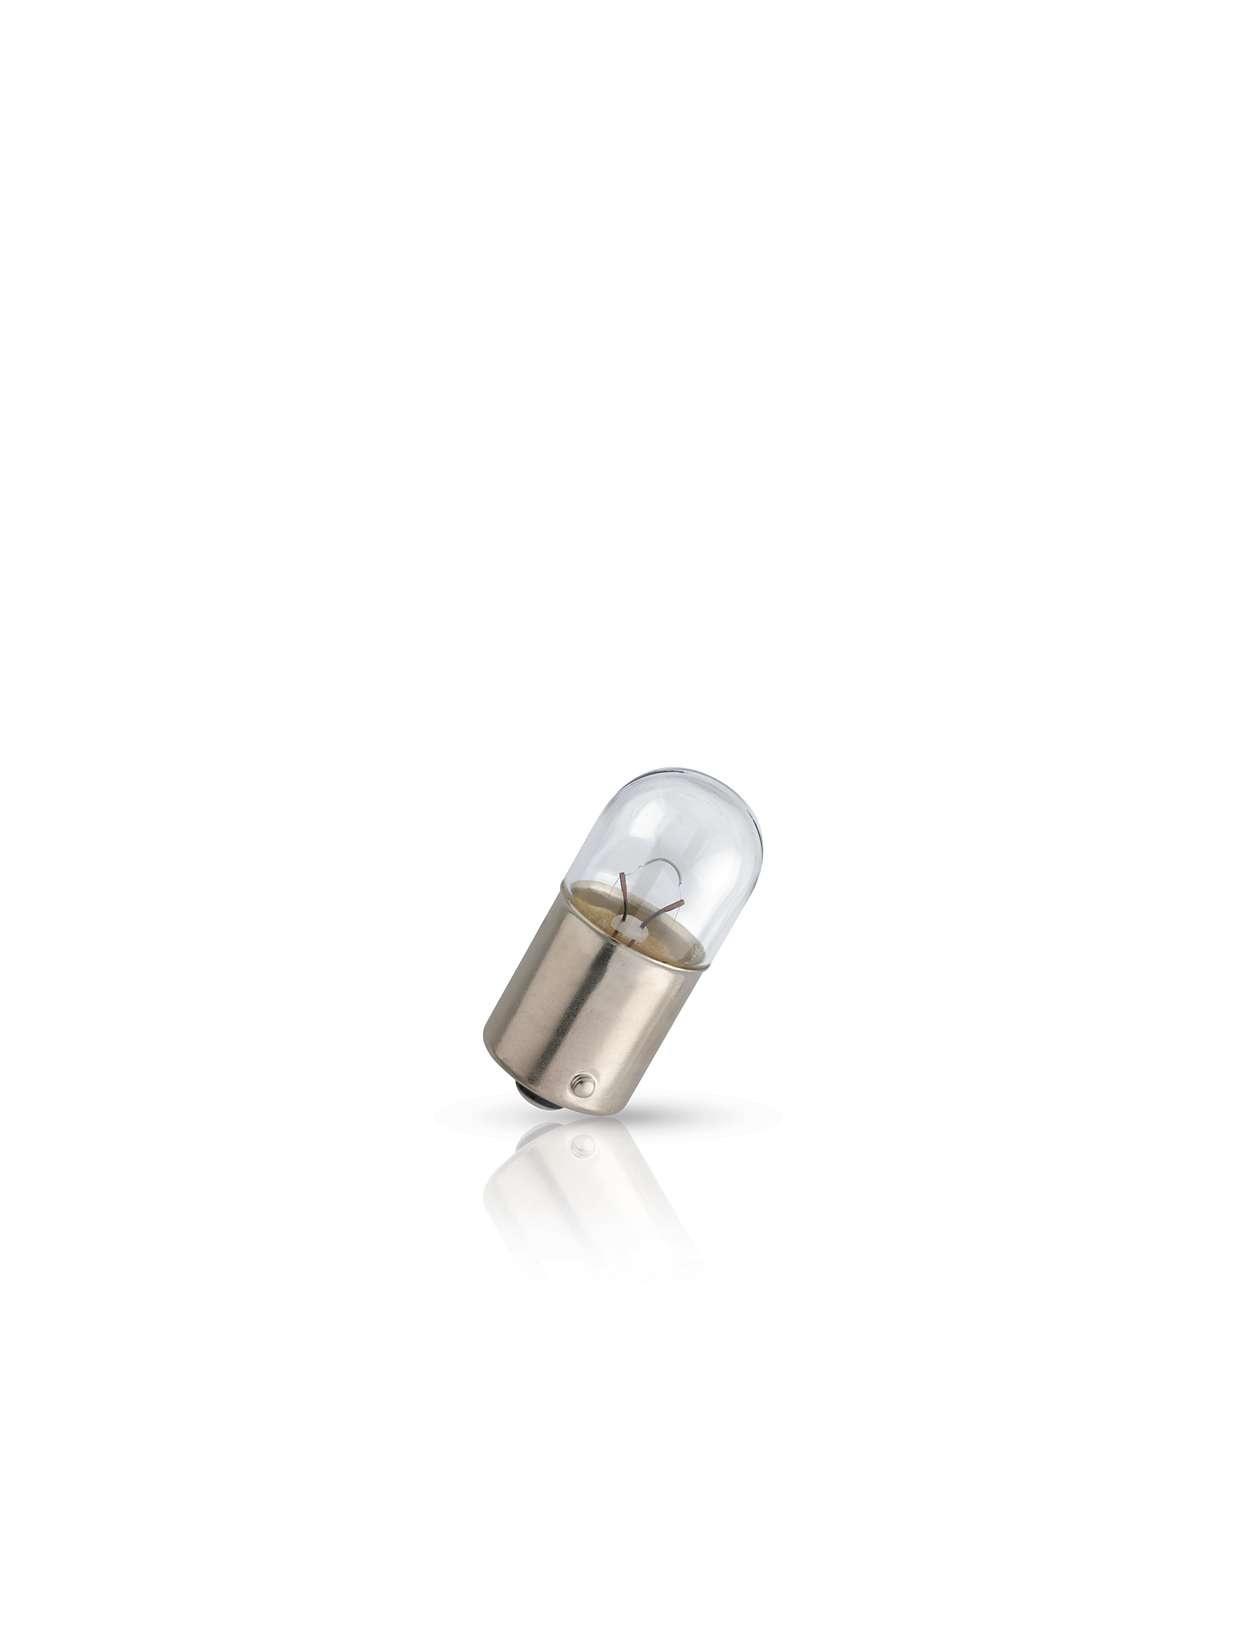 Лампа автомобильная Philips 12821b2 (бл.) лампа автомобильная philips 12929bvb2 бл